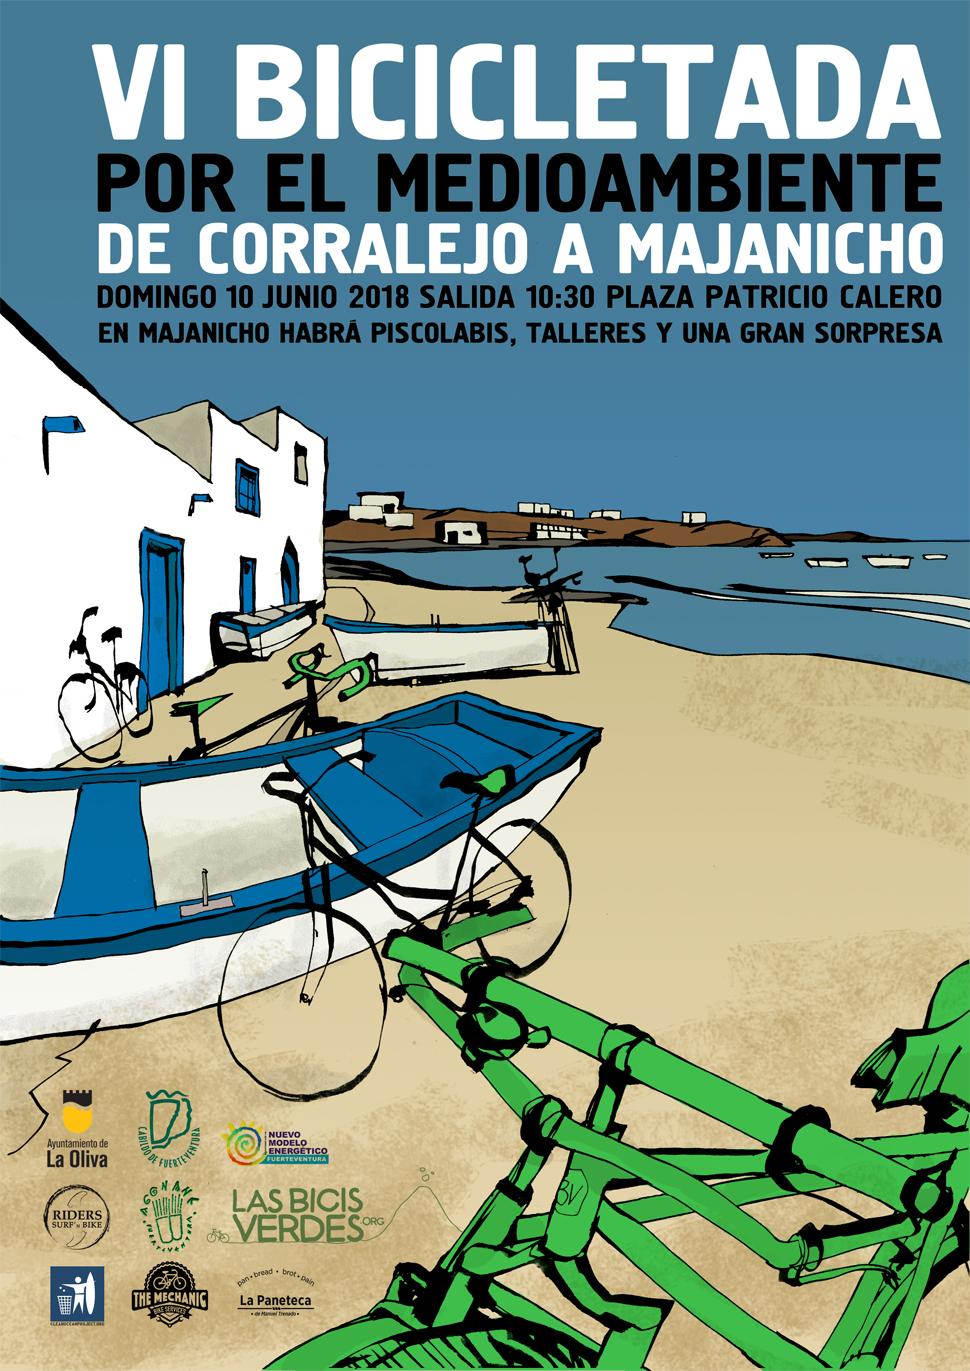 VI Bicicletada por el Medioambiente | Macaronesia Fuerteventura